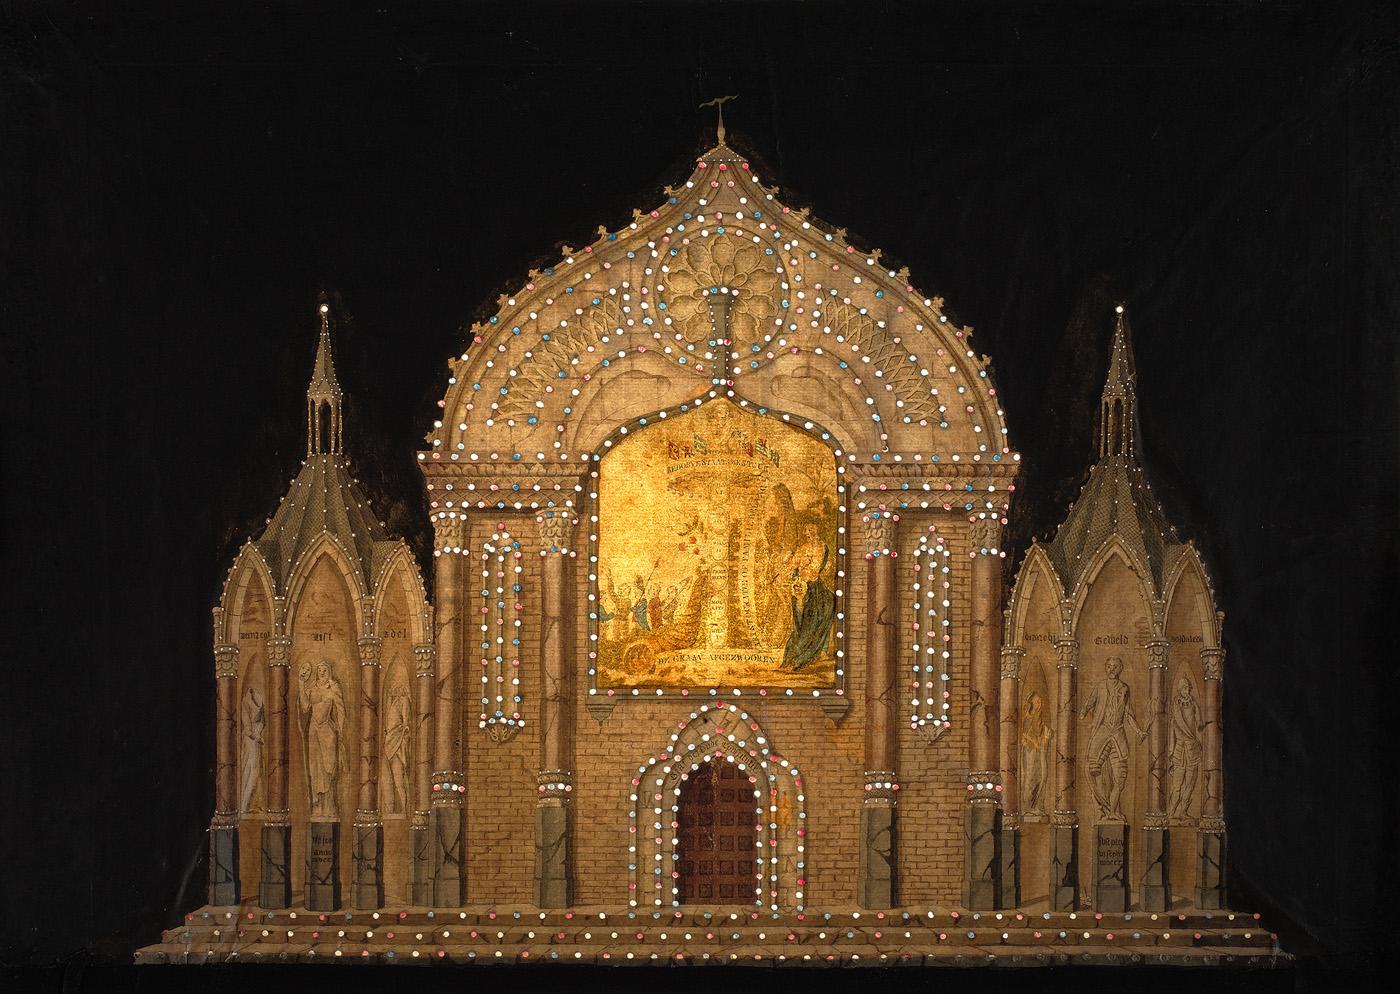 Afbeelding van de illuminatie bij de Botermarkt: vernietiging van de oude constitutie